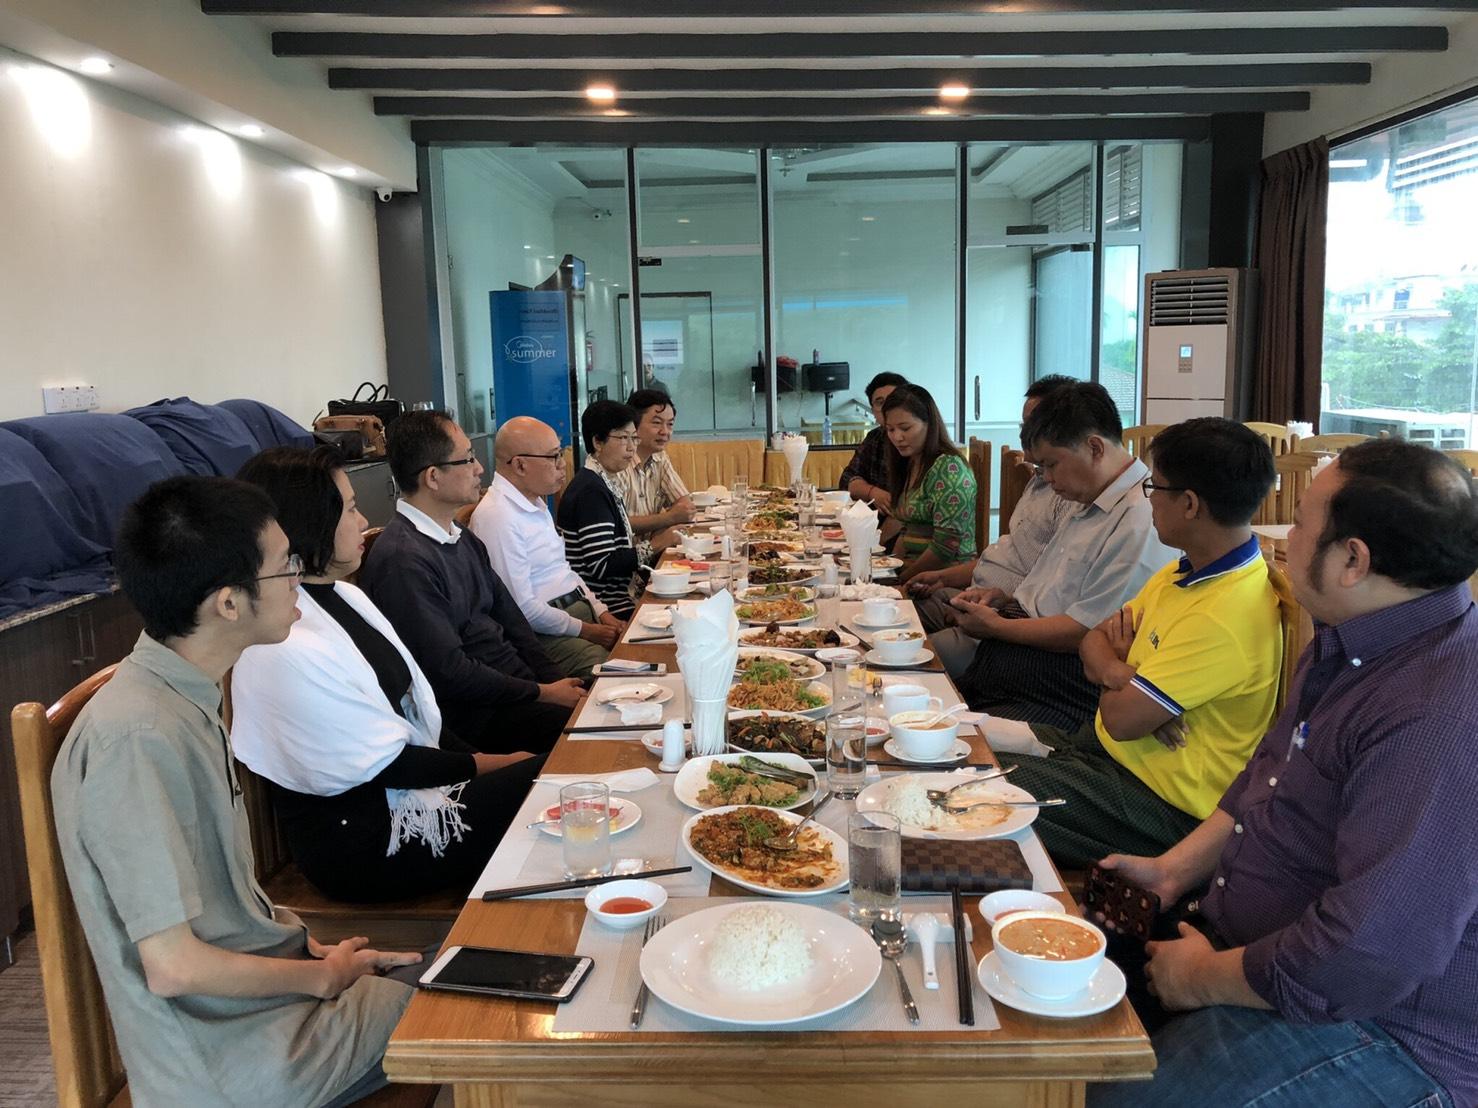 8月1 日共同主持人陪同妙鄧大使至緬甸勃固省(Bago Region)首府勃固(Bago),與當地商會進行商業午餐工作會議,聽取當地商會對於緬甸經貿政策之建議,並考察當地商業現況,同時妙鄧副主席出宣達我方即將在緬甸實施的商業調查,當地商會允諾必定全力支持。